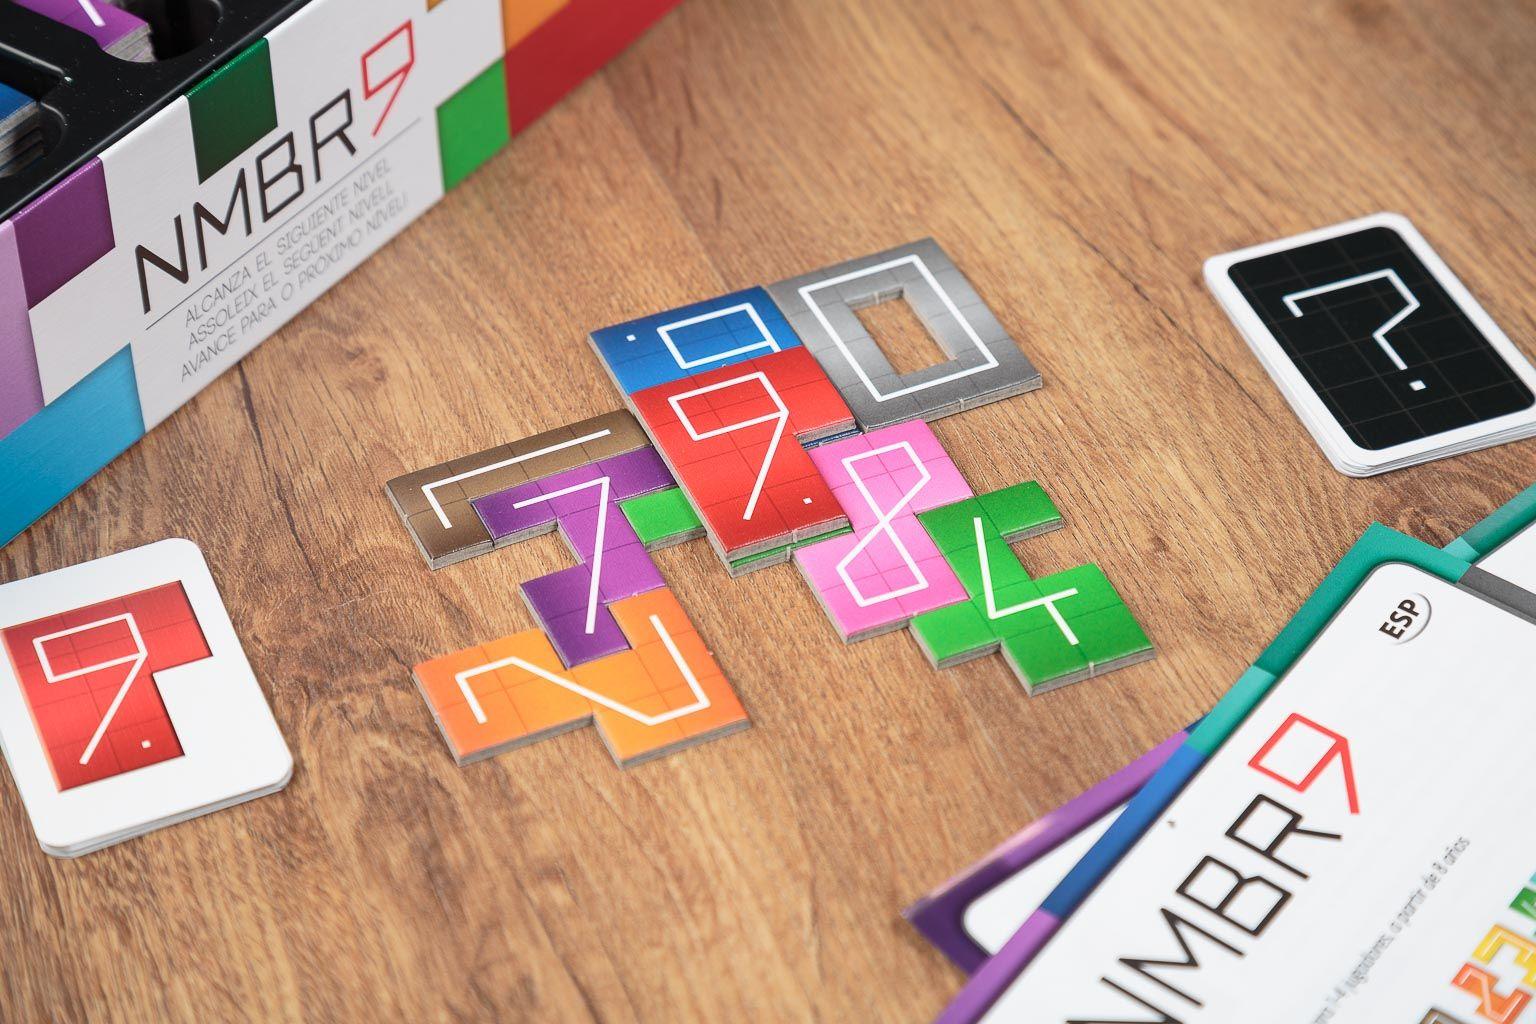 NMBR9, juegos de mesa para jugar en el hospital